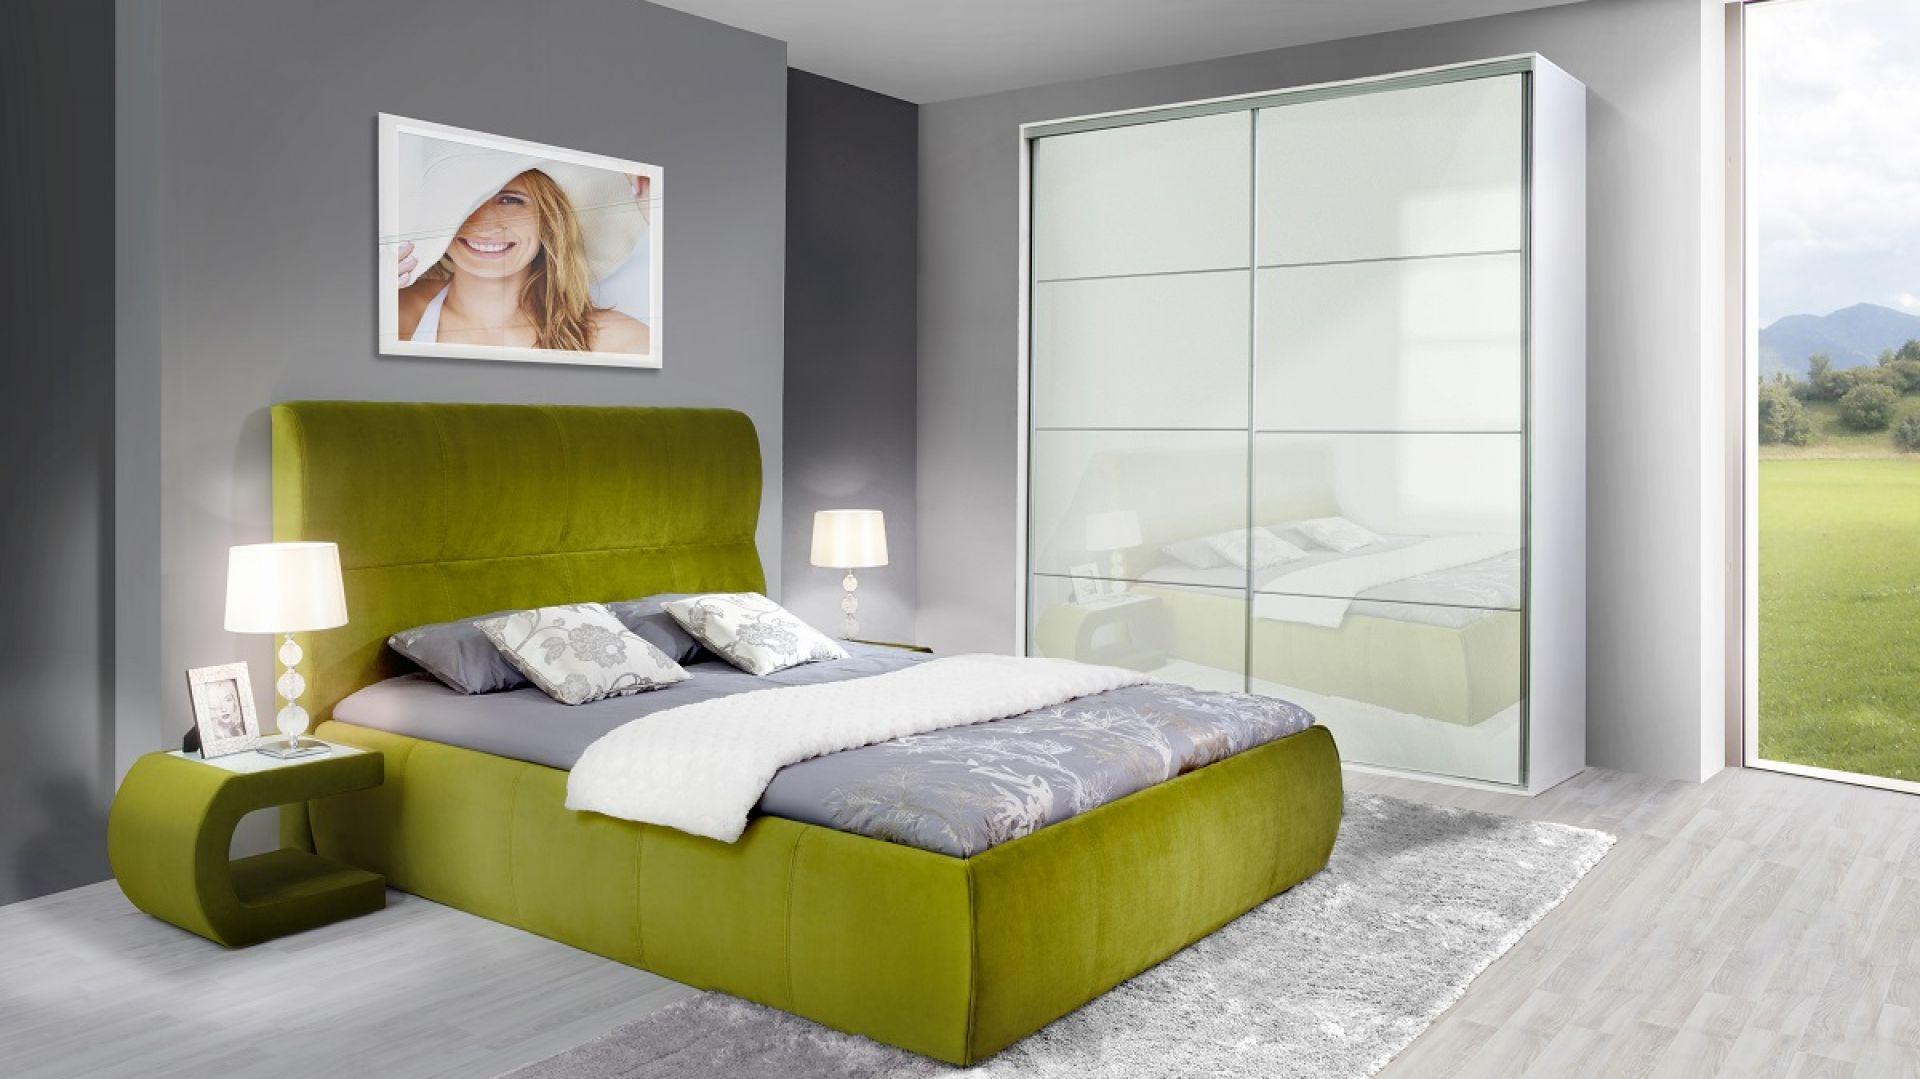 Ciekawie wyprofilowane wezgłowie i obła linia skrzyni to znaki rozpoznawcze łóżka tapicerowanego